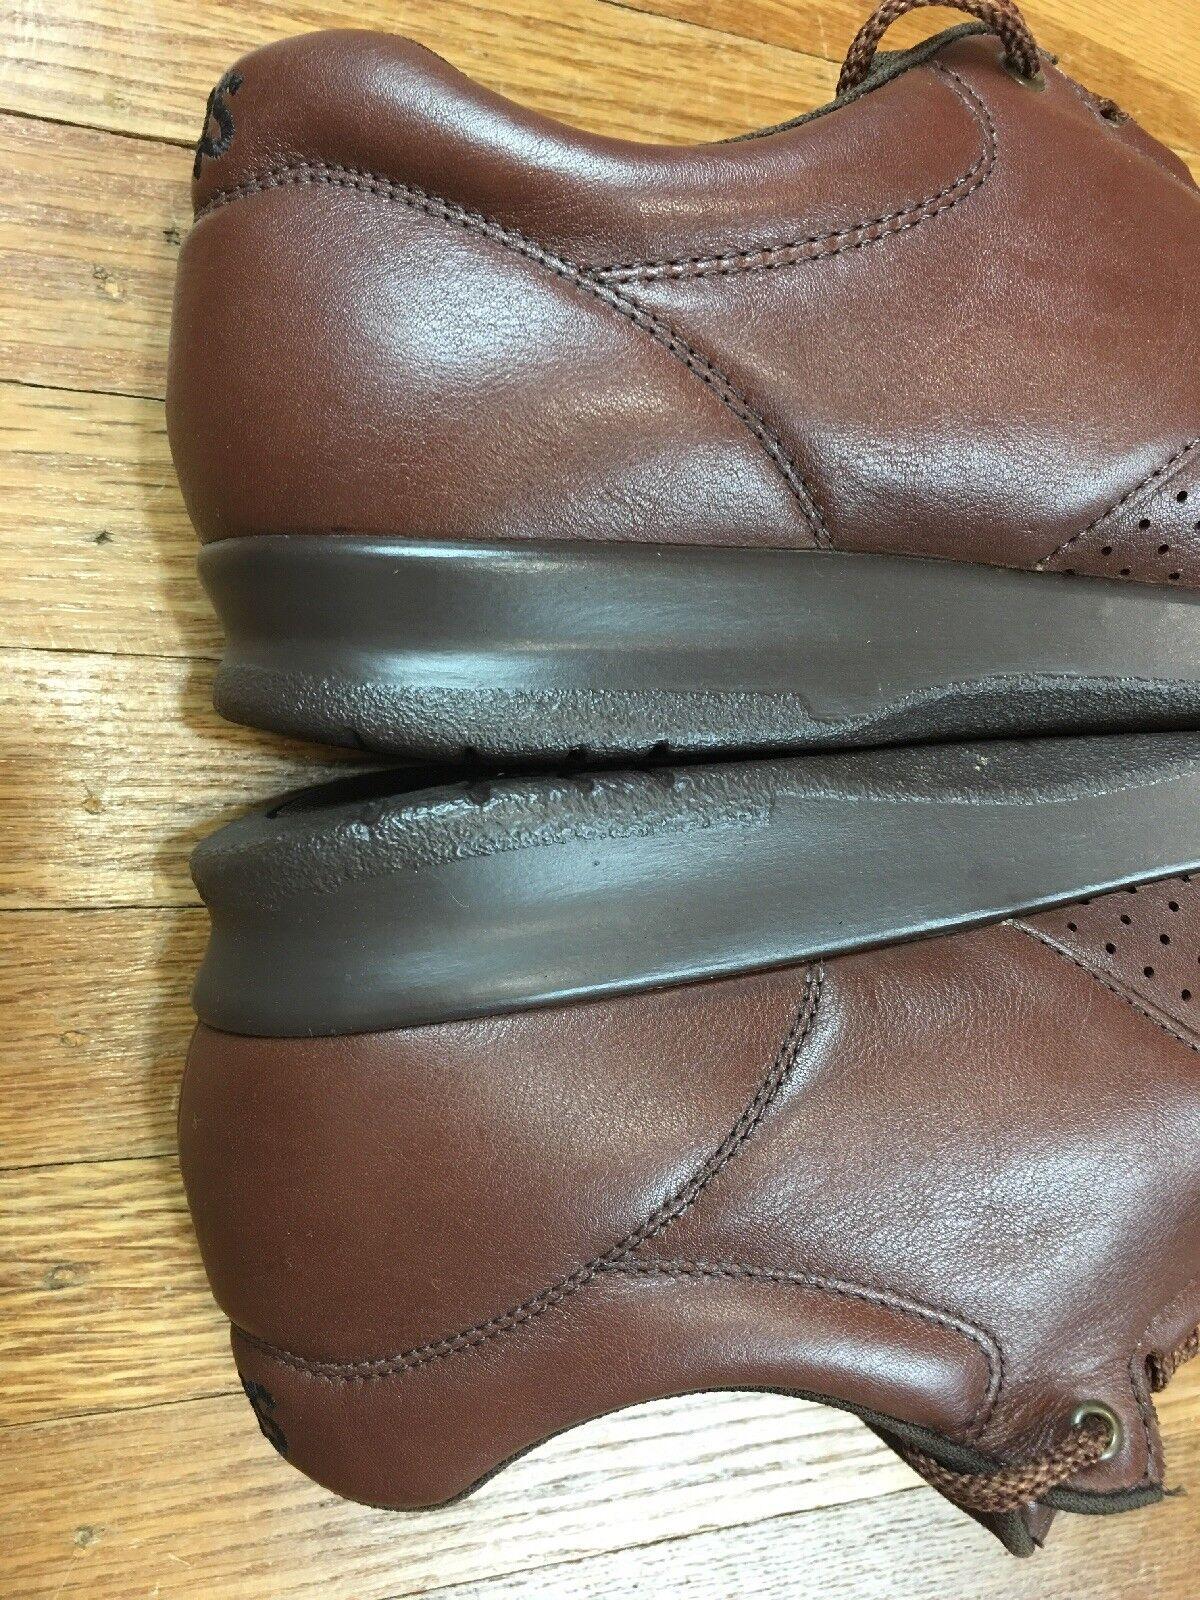 Servicio Aéreo Especial Freetime para Comfort mujer Tripad Comfort para zapatos talla 7 caminar, zapatillas de cuero diabética 8c2cff